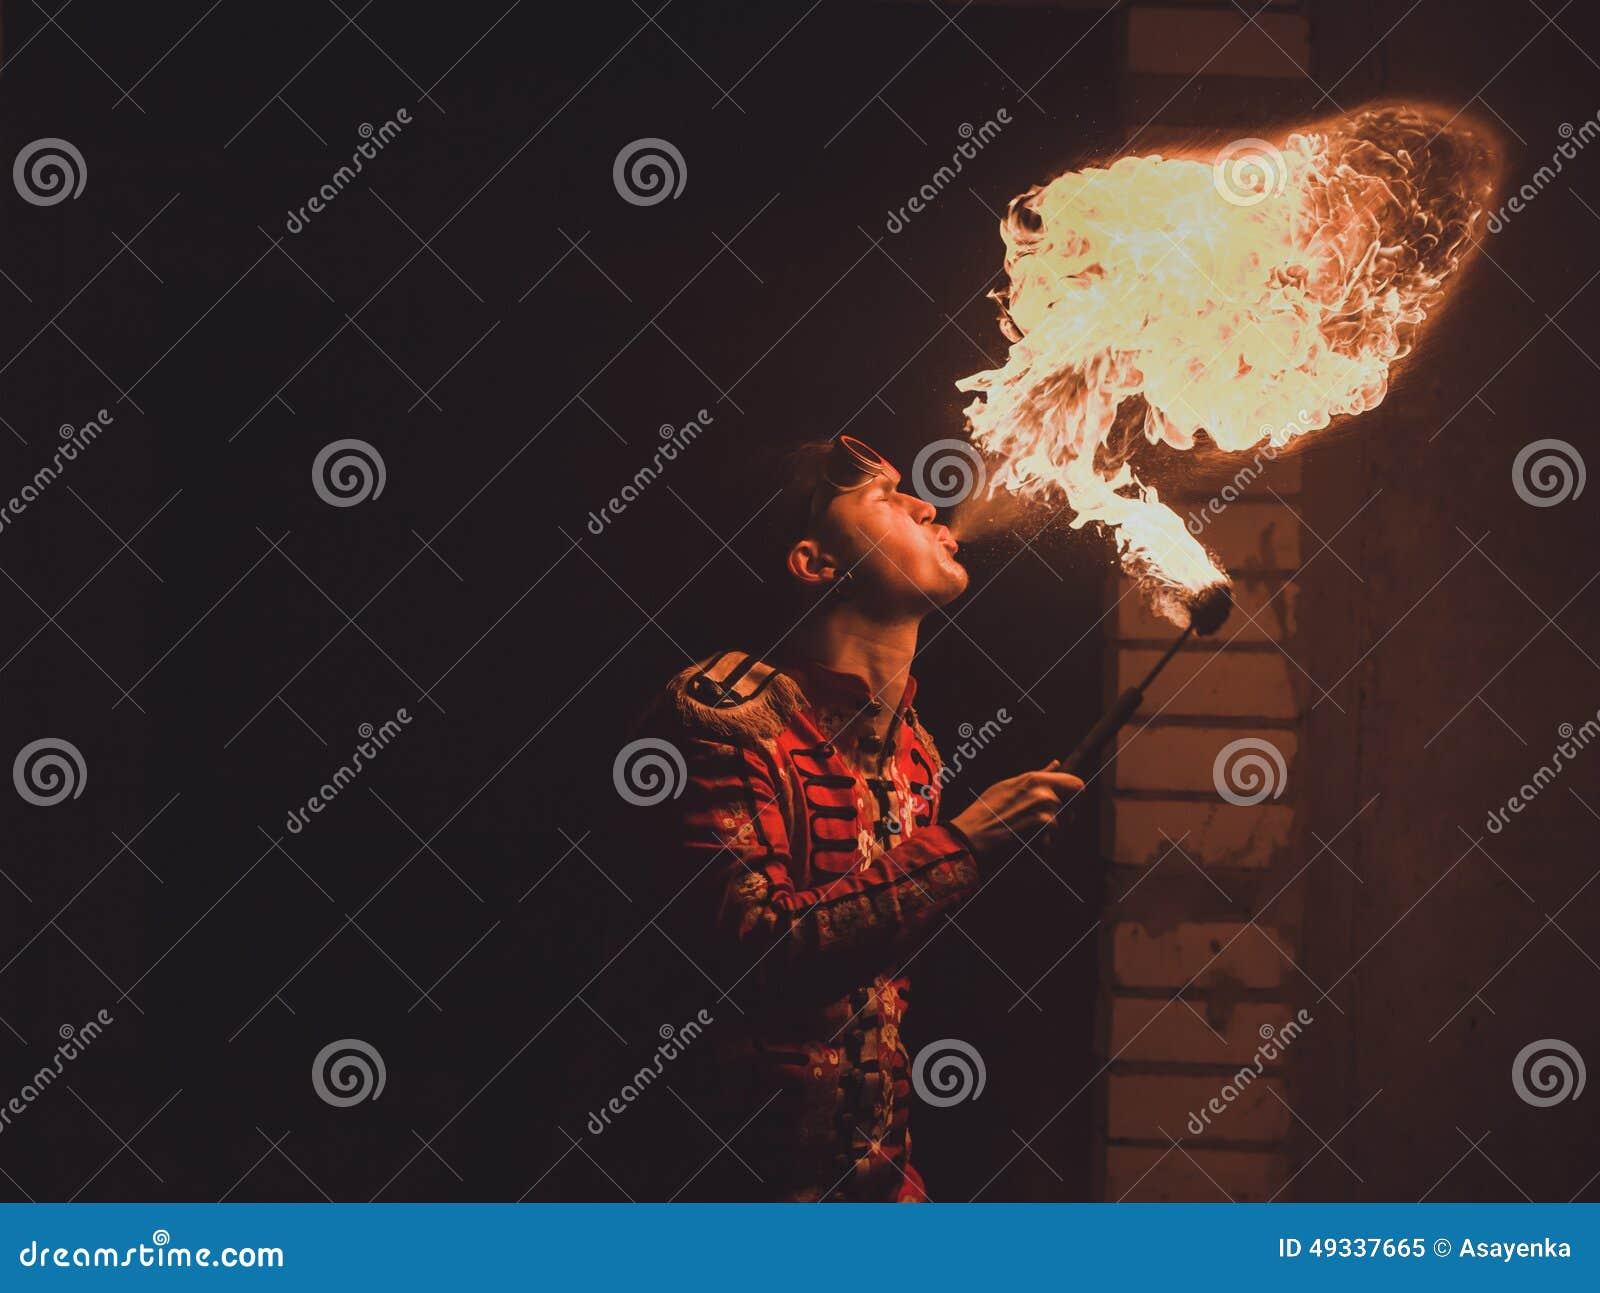 火展示艺术家呼吸在黑暗的火